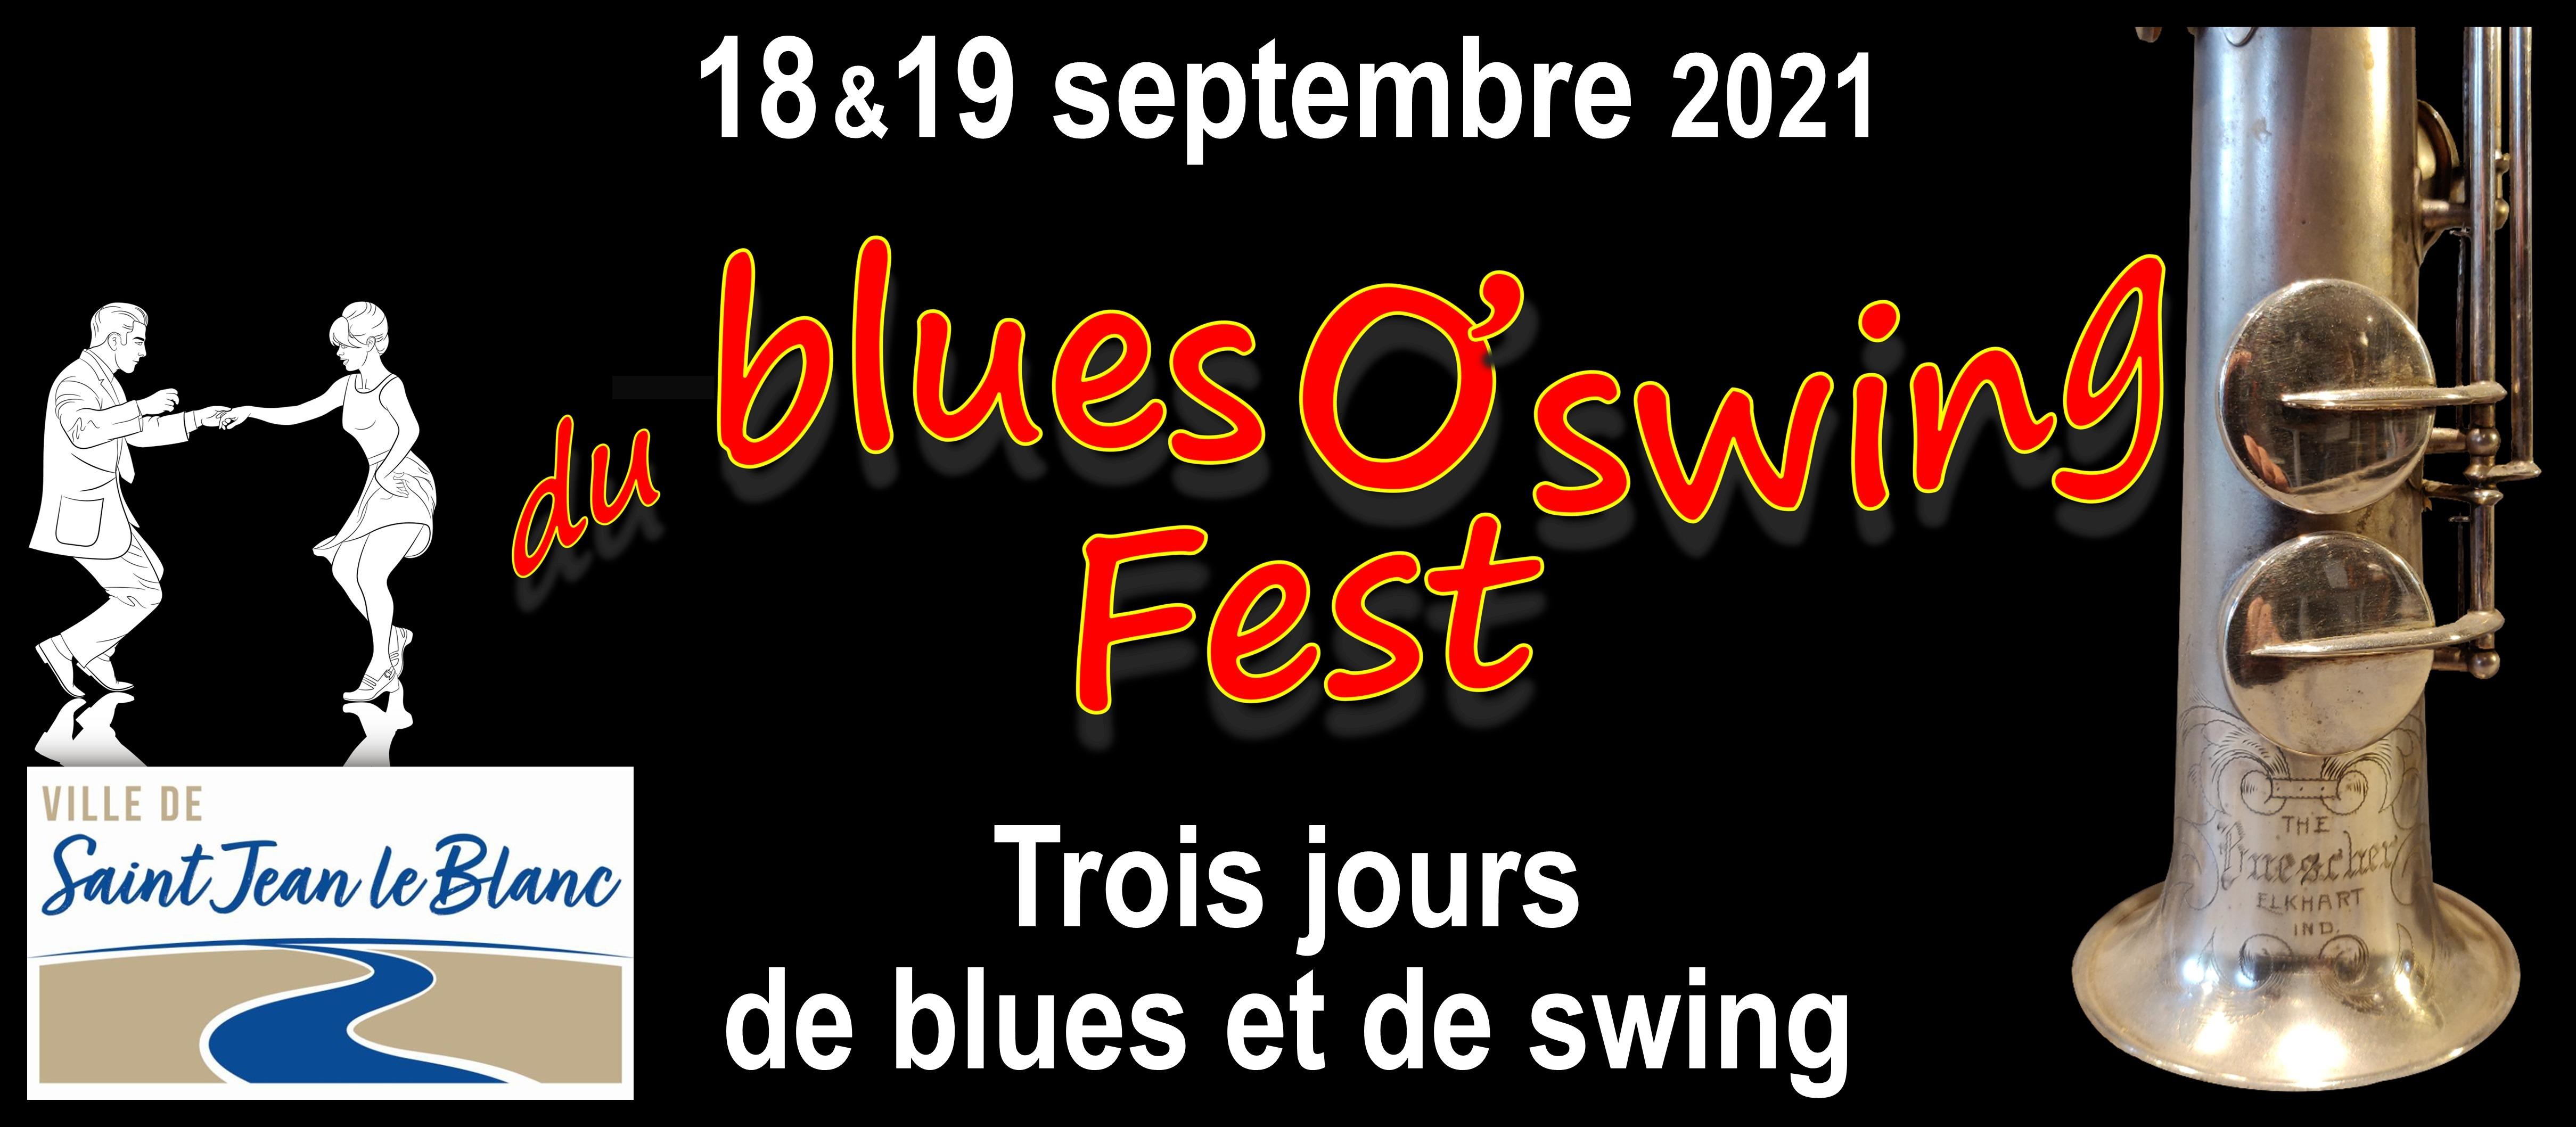 du blues O' swing Fest